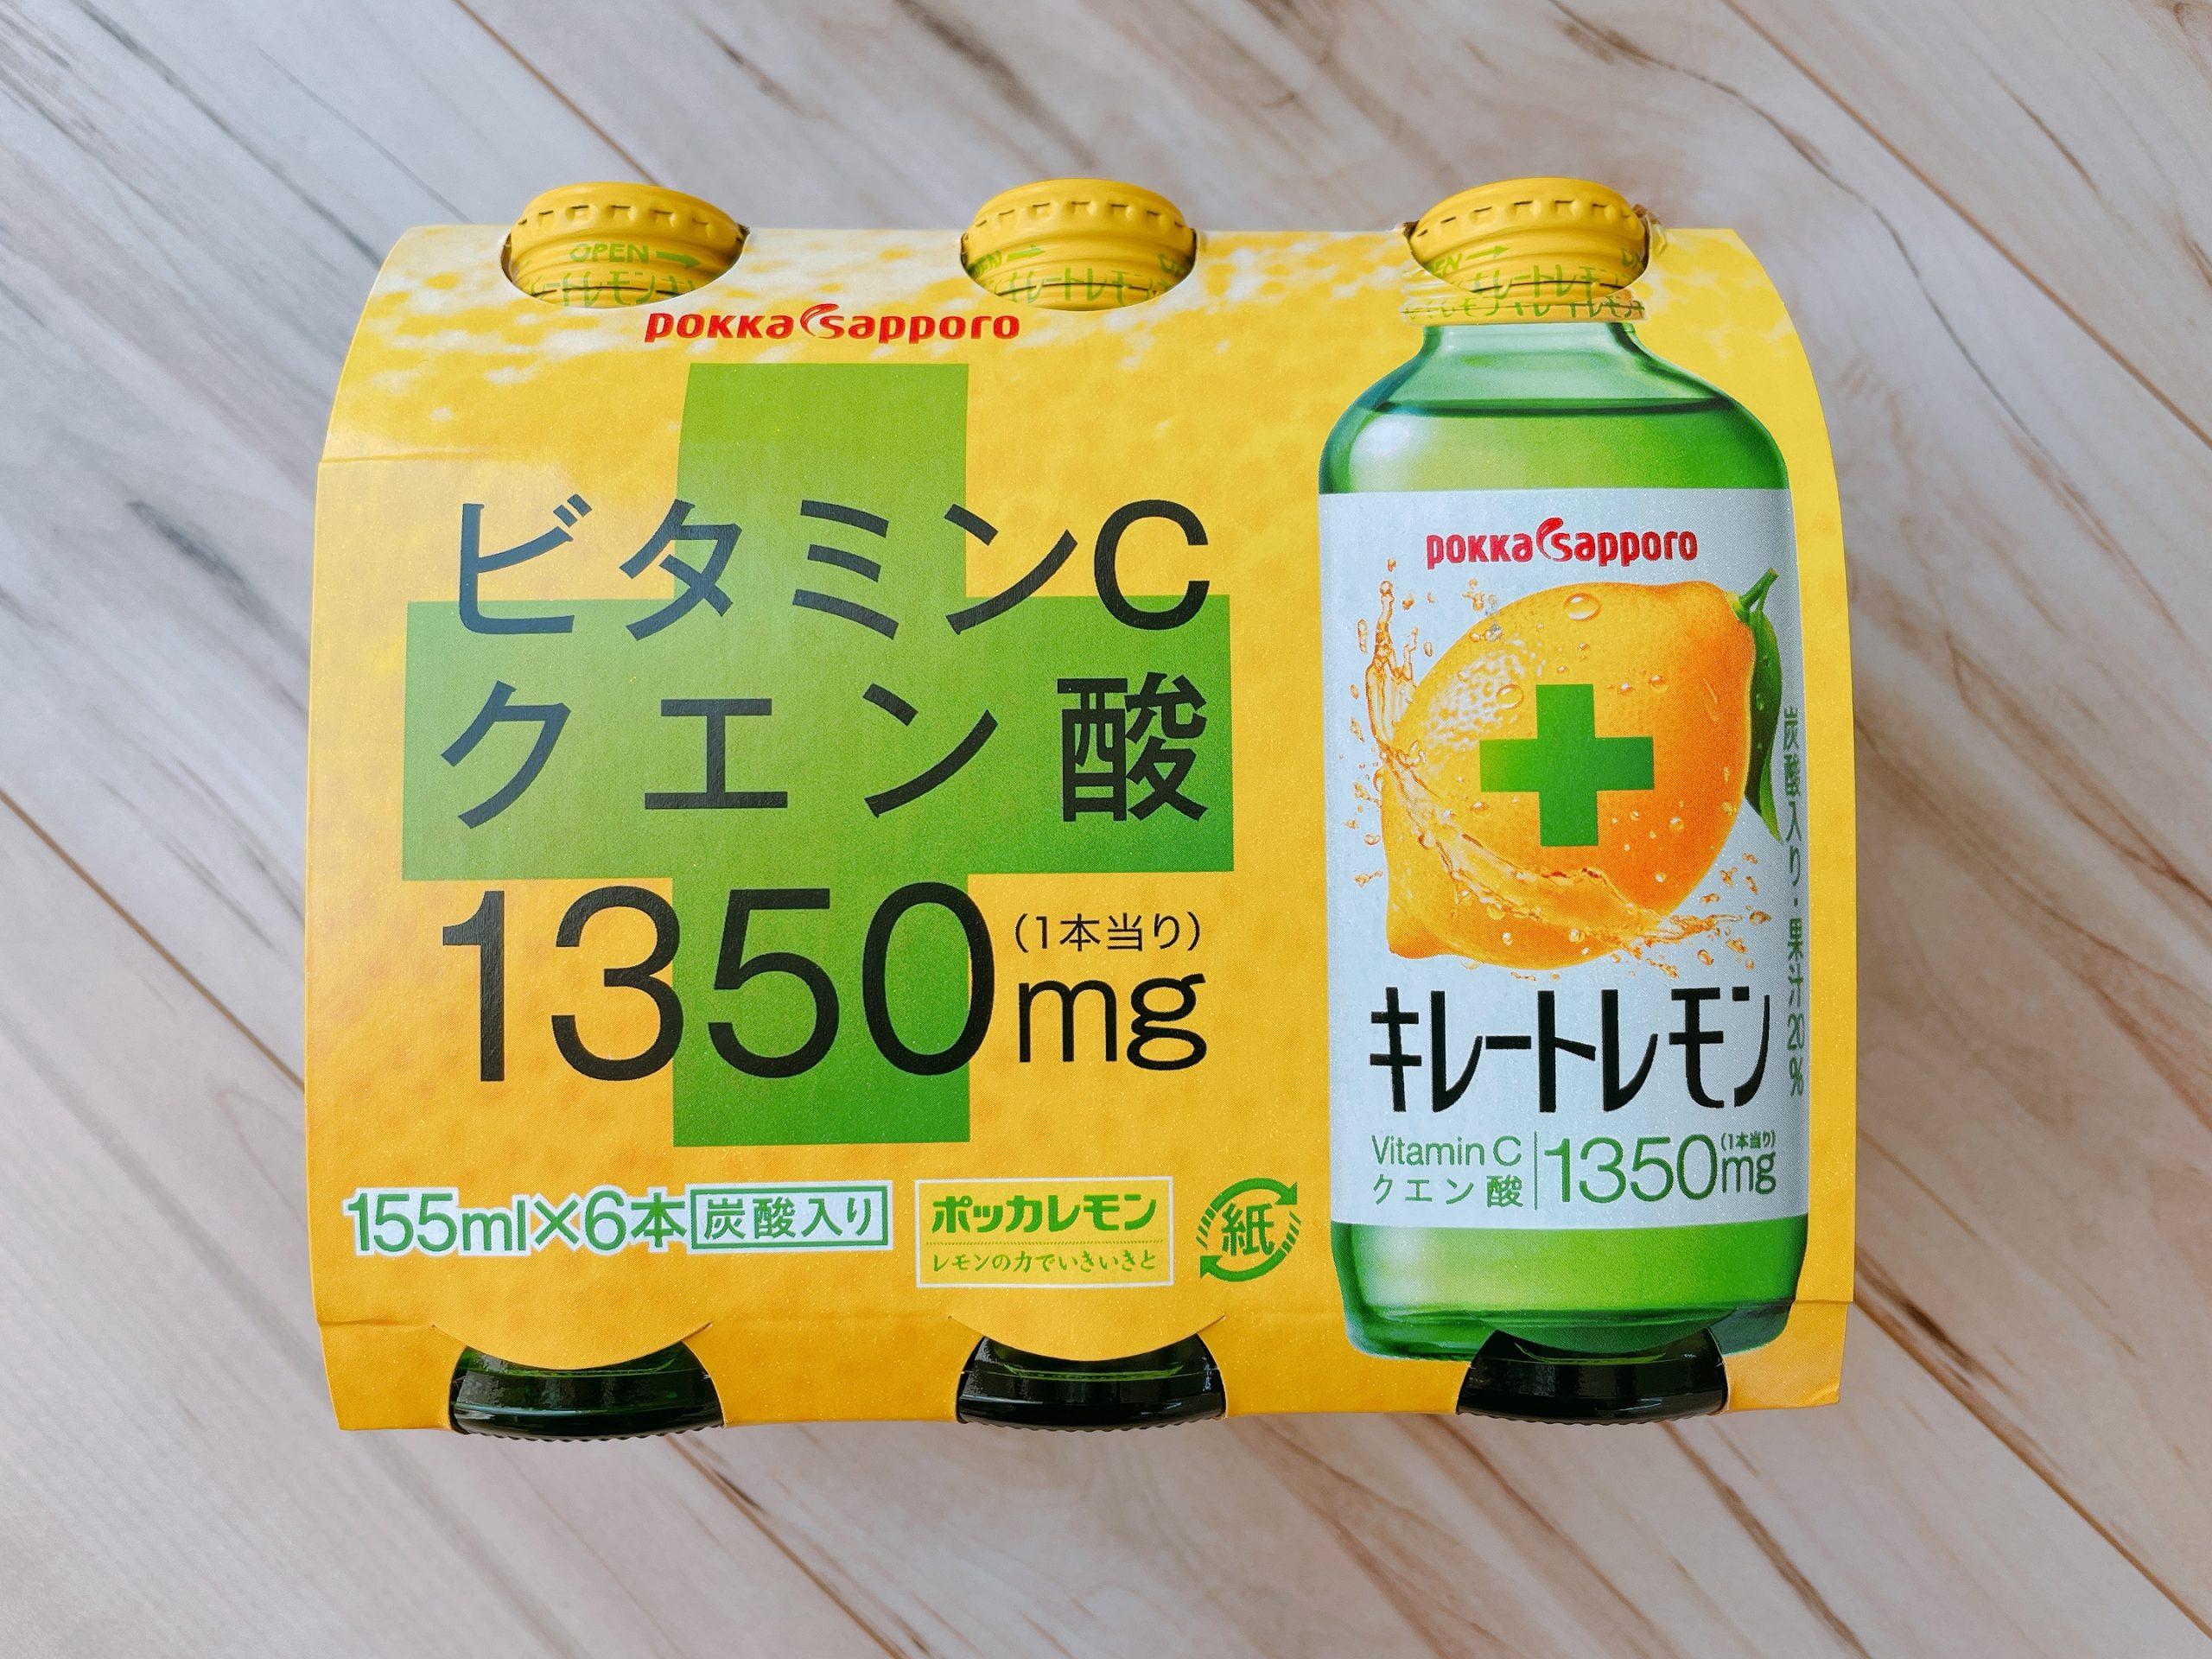 キレートレモン6本入りのパッケージ